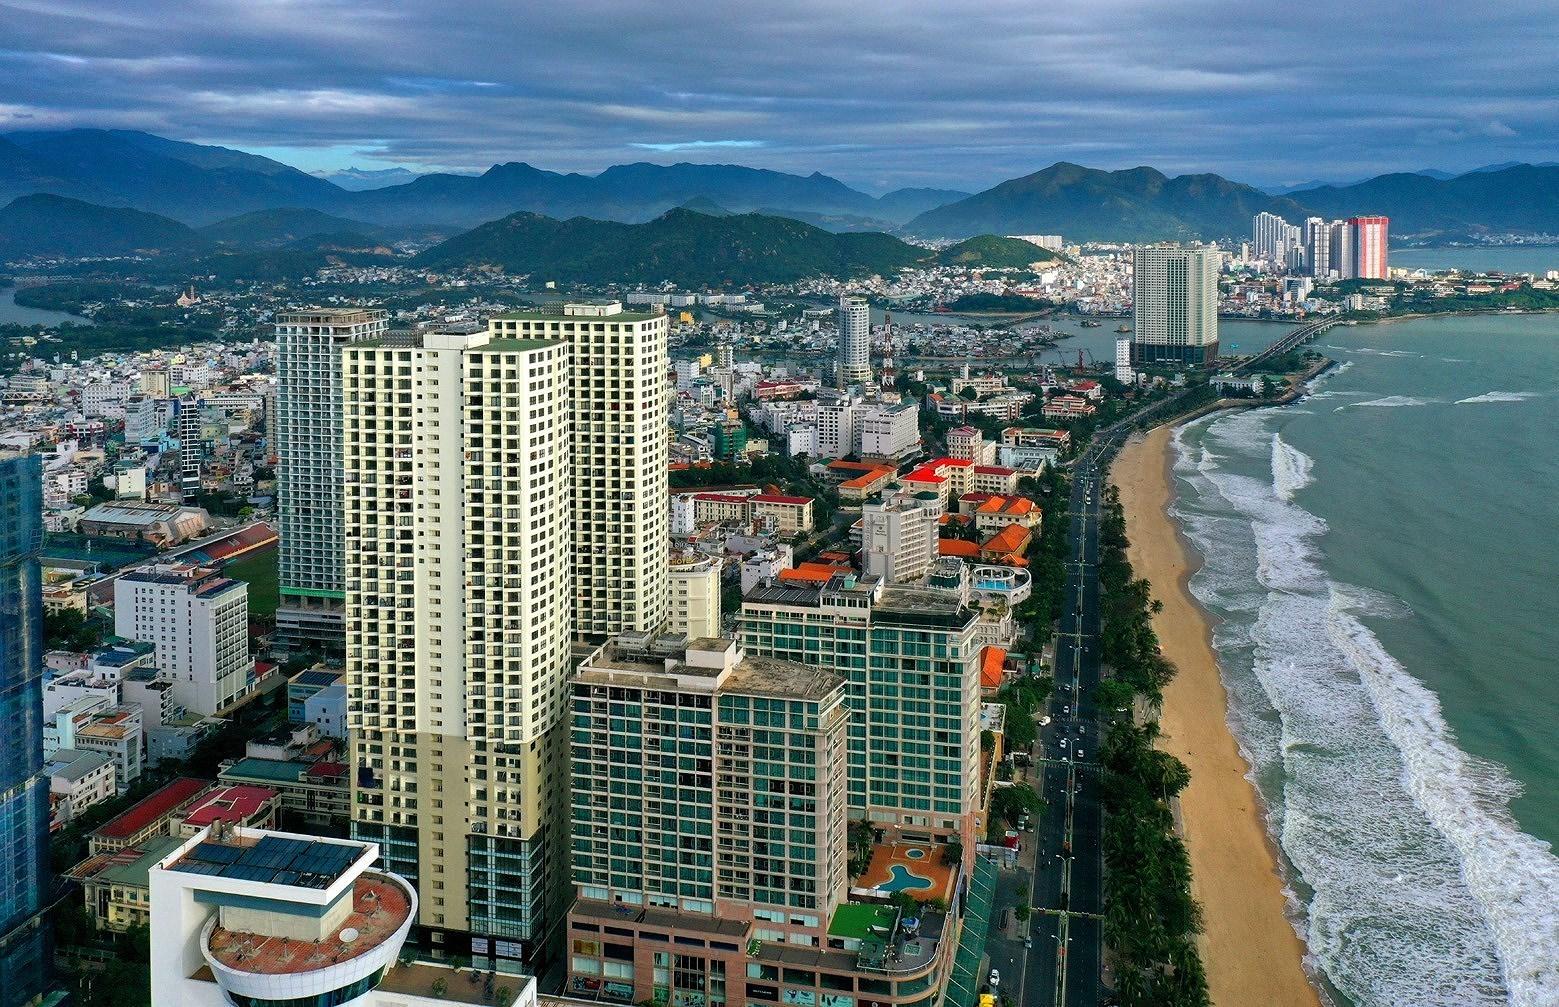 Nha Trang - beautiful coastal city hinh anh 3